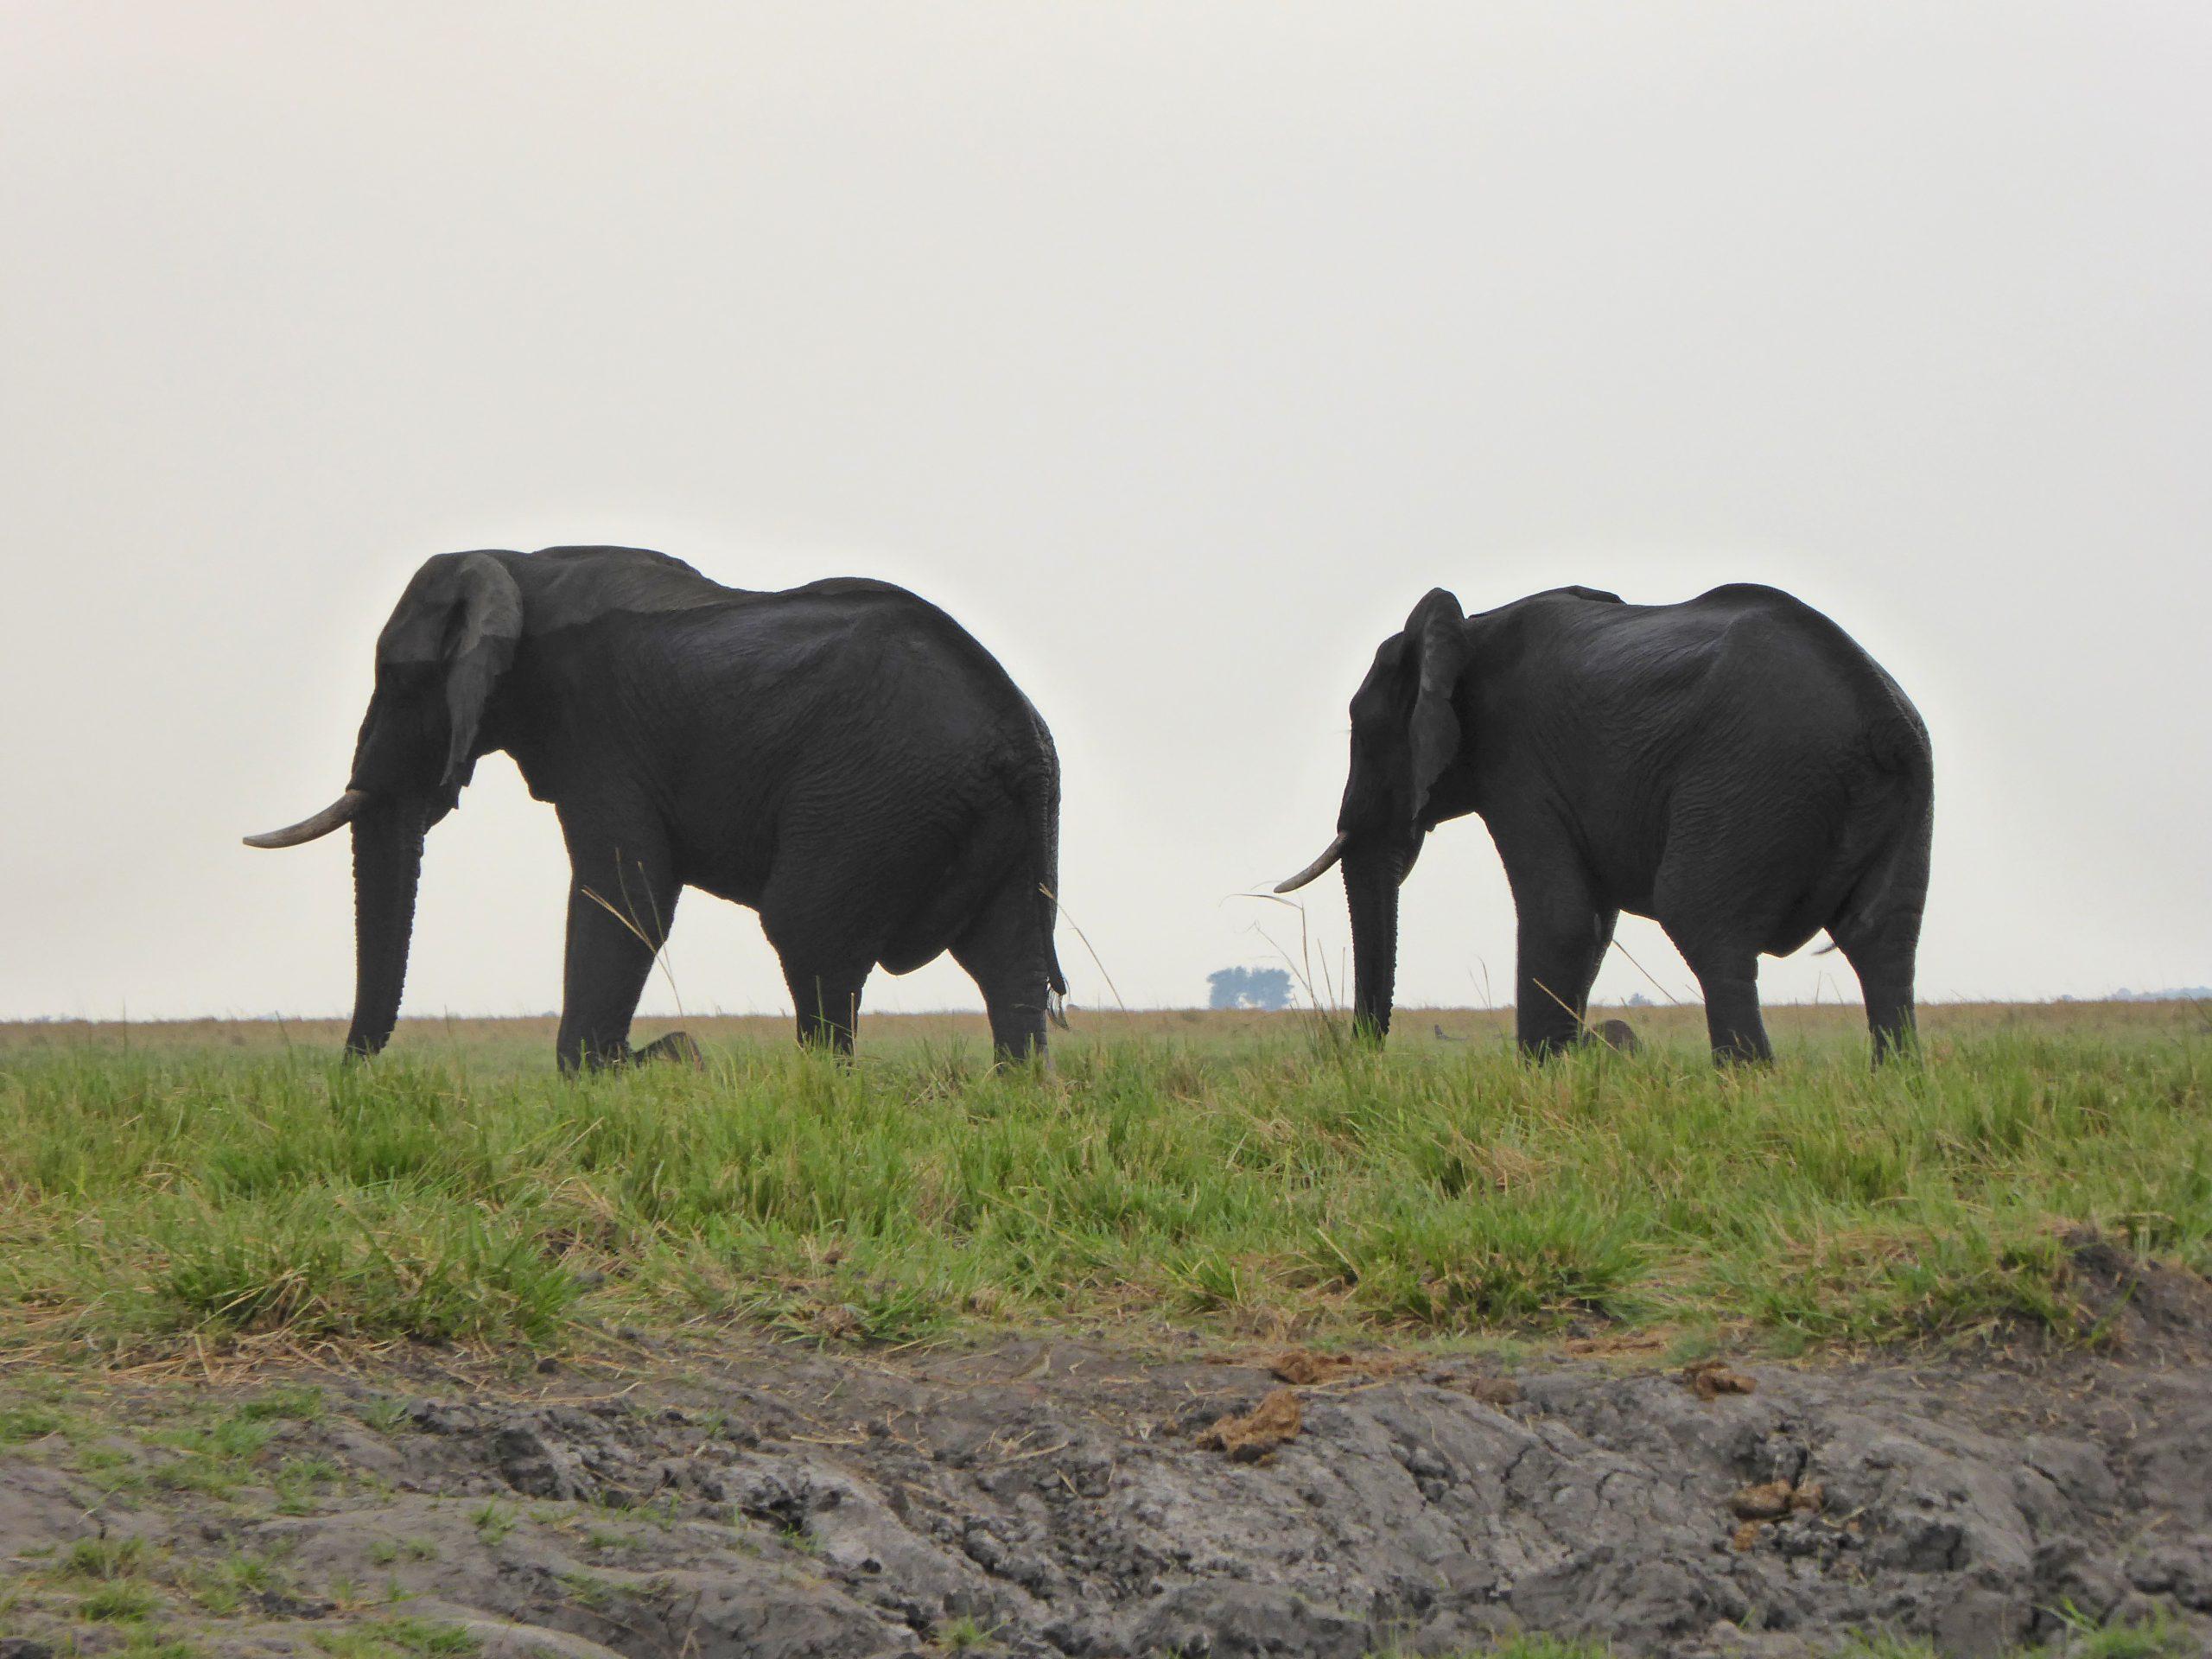 Radreise Afrika 2014 - Chobe NP - Elefanten